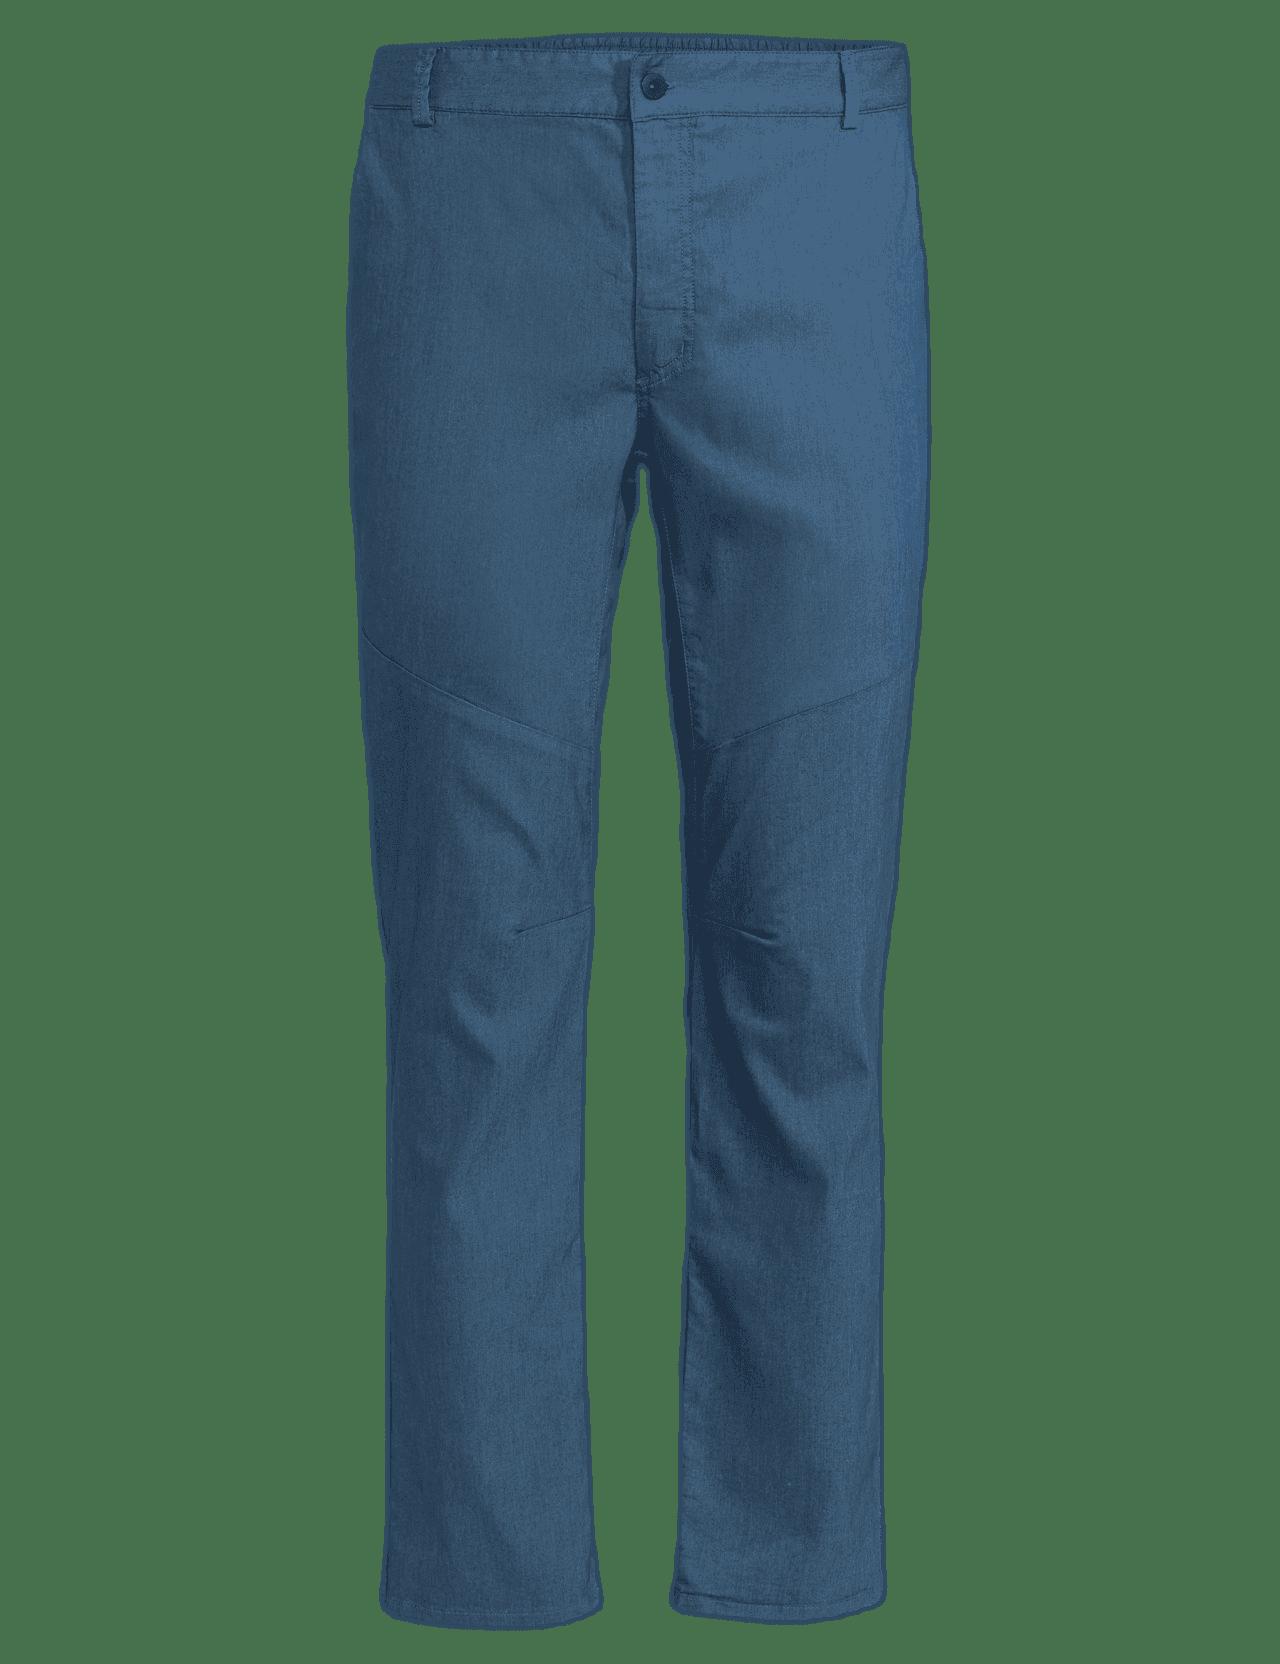 Pants mineo